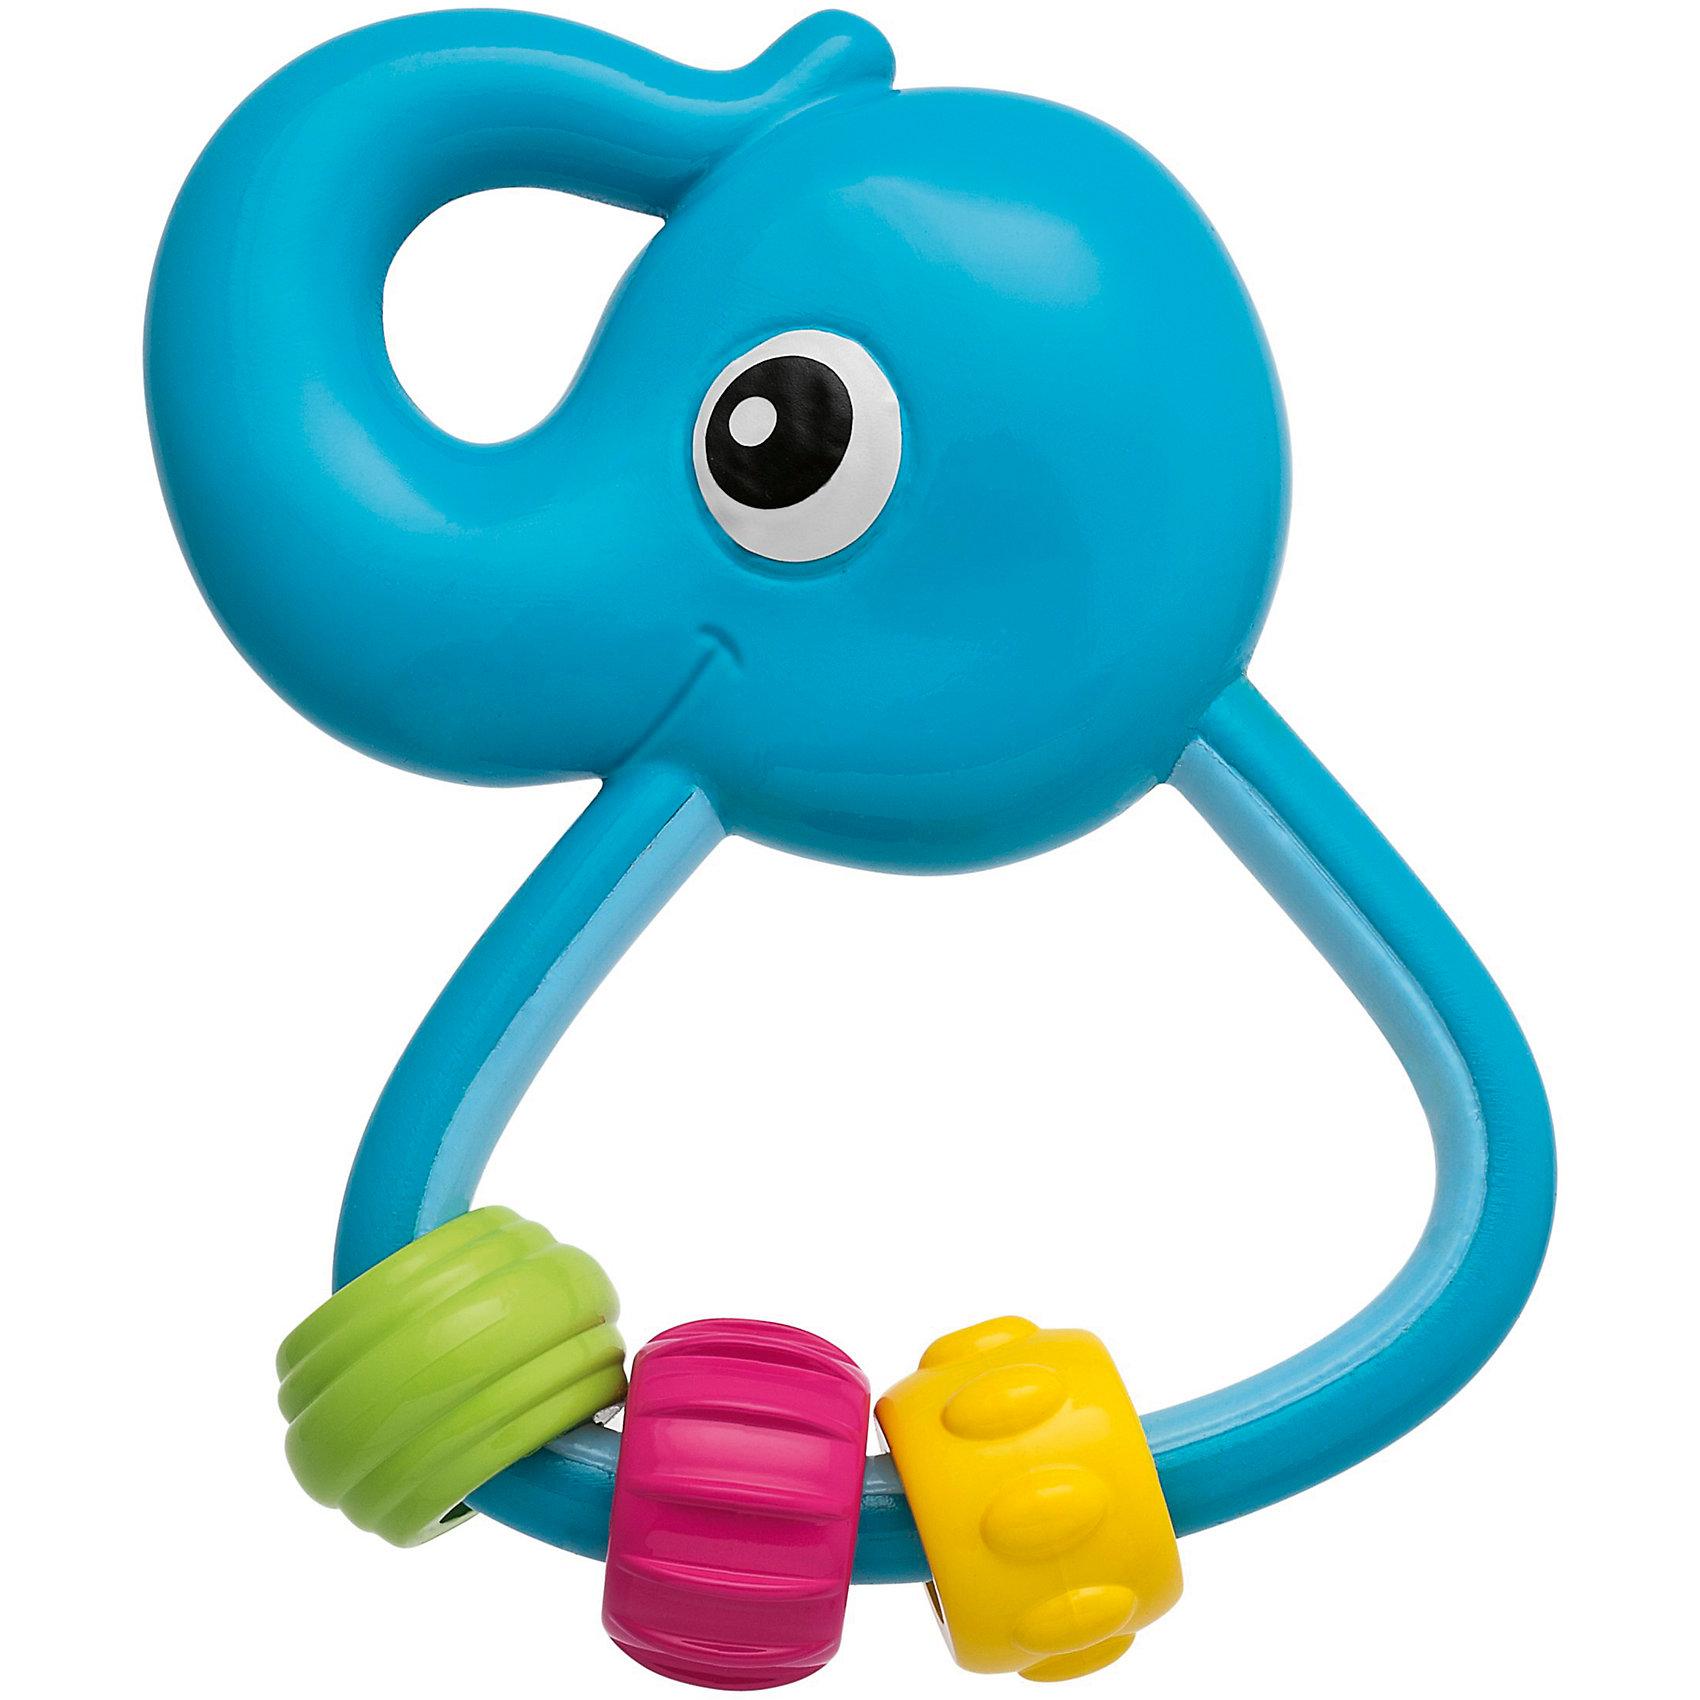 Игрушка-погремушка Слоненок , ChiccoПогремушки<br>Игрушка-погремушка Слоненок (Чикко).<br><br>Характеристики: <br><br>• Размер: 2*8*10 см.<br>• Цвет: голубой.<br>• Материал: гипоаллергенная пластмасса.<br>• Вес: 60г.<br><br>Игрушка-погремушка Слоненок от известного итальянского бренда Chicco обязательно заинтересует вашего малыша. Забавный слоненок, разработан специально для малышей в возрасте от трех месяцев. Малый вес игрушки, эргономичная ручка, материал высокого качества – это отличительные особенности данной погремушки. На ручке у Слоненка Chicco подвешены три подвижные детали разного цвета и фактуры, которые будут отлично развивать мелкую моторику ребенка и облегчат состояние во время прорезывания зубов. Такая игрушка развивает зрительное и слуховое восприятие, а также хватательный рефлекс вашего крохи. <br><br>Игрушку - погремушку Слоненок, Chicco (Чикко), можно купить в нашем интернет-магазине.<br><br>Ширина мм: 146<br>Глубина мм: 180<br>Высота мм: 30<br>Вес г: 59<br>Возраст от месяцев: 3<br>Возраст до месяцев: 36<br>Пол: Унисекс<br>Возраст: Детский<br>SKU: 5105198